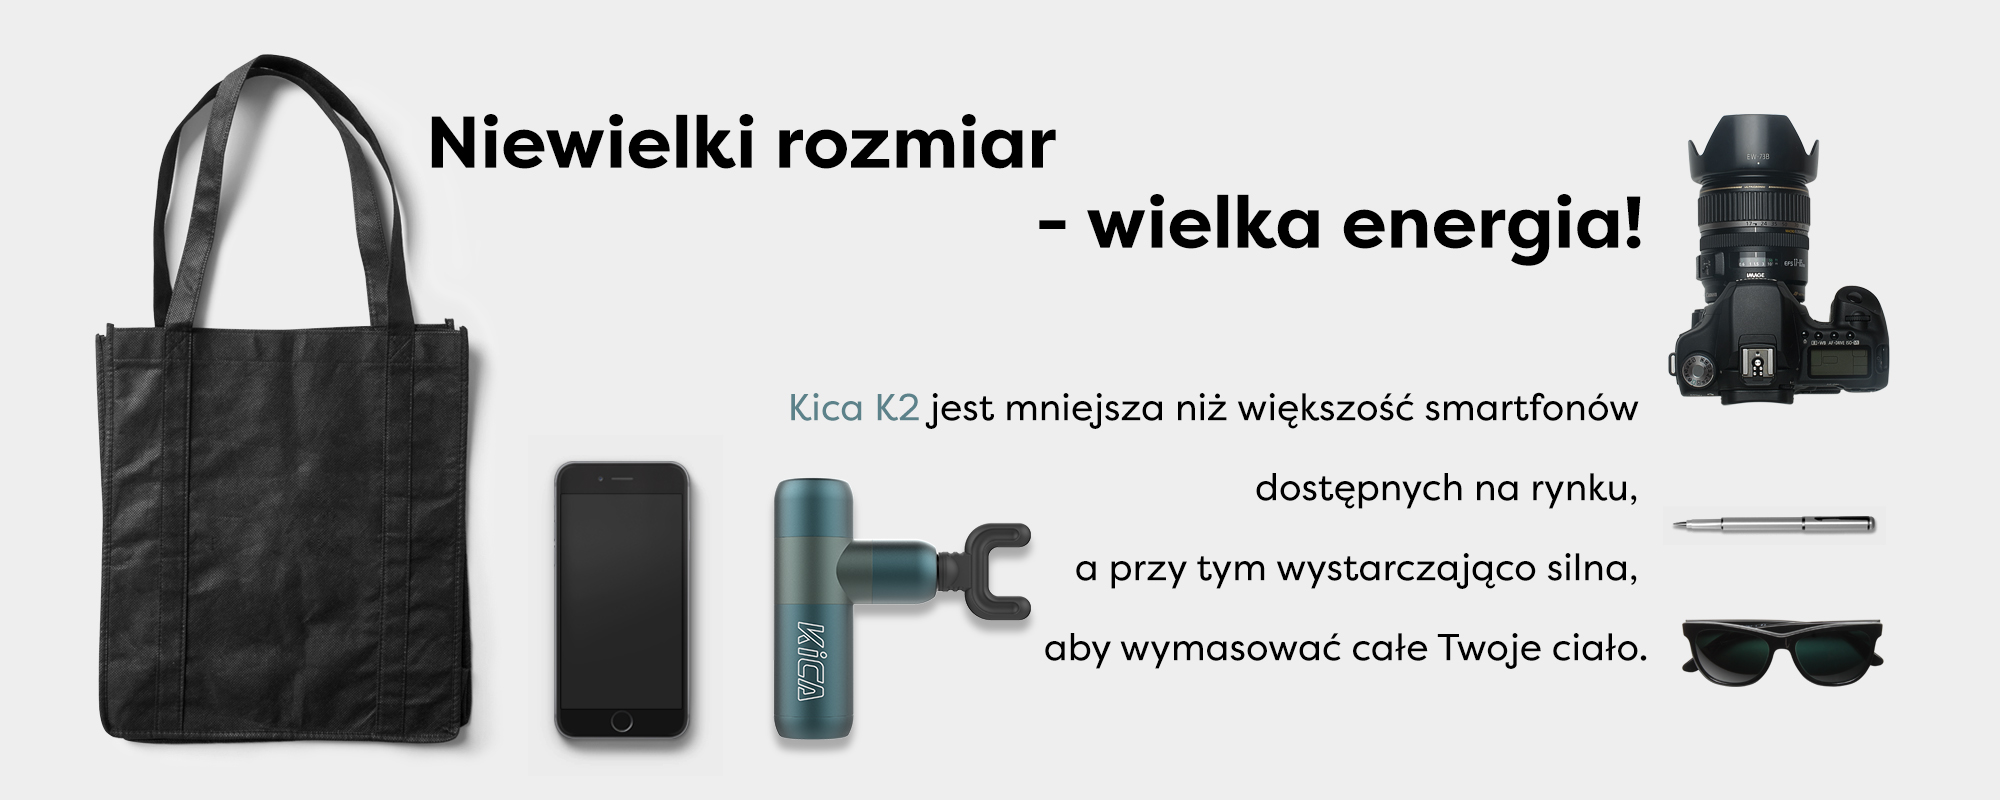 Grafika przedstawiająca masażer Kica K2 na tle smartfona, aparatu, długopisu i okularów przeciwsłonecznych. Jej rozmiar jest porównywalny do powyższych przedmiotów